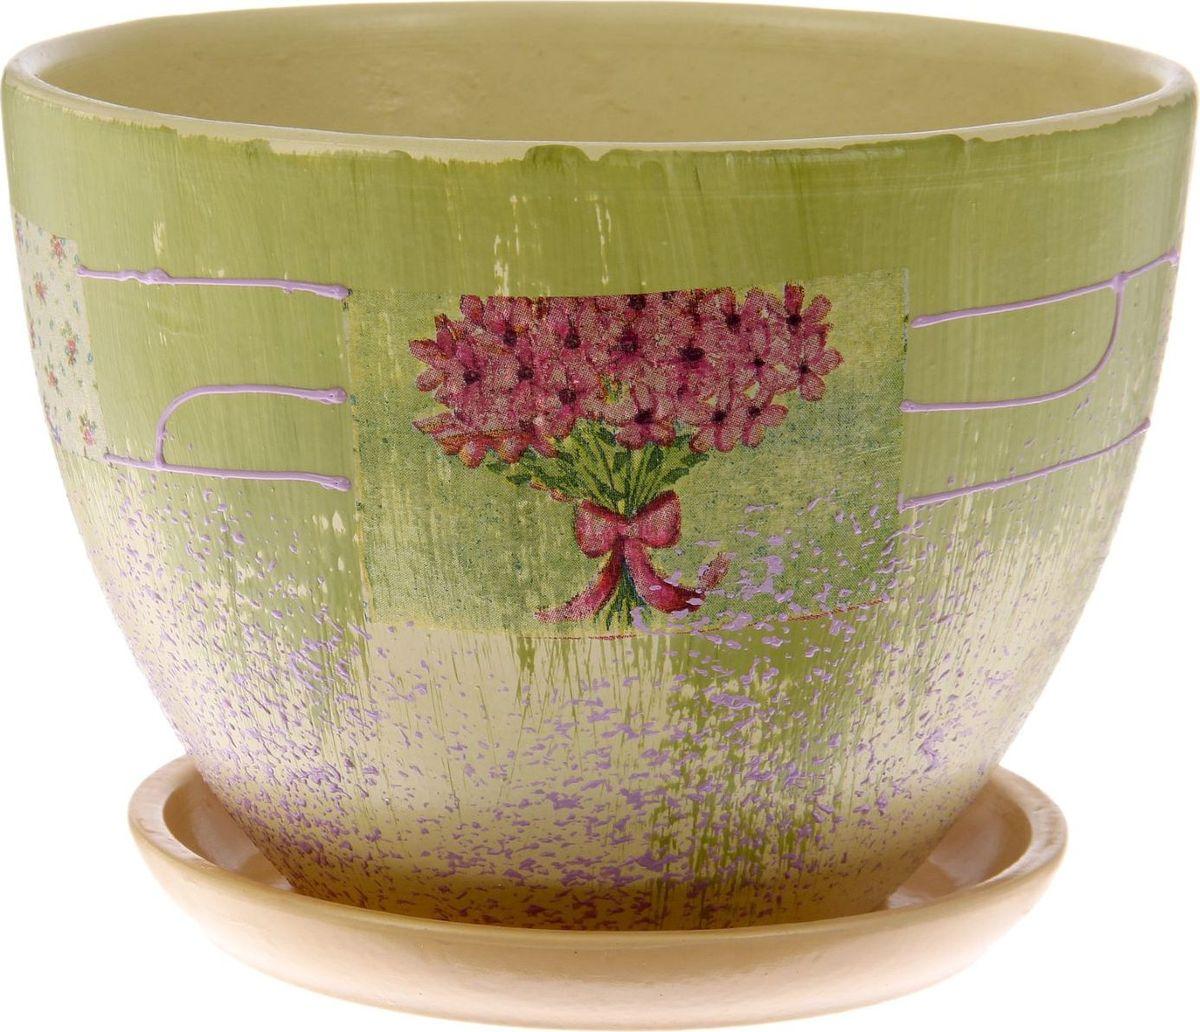 Кашпо Кантри, 2 л250-2-bl-seКомнатные растения — всеобщие любимцы. Они радуют глаз, насыщают помещение кислородом и украшают пространство. Каждому из них необходим свой удобный и красивый дом. Кашпо из керамики прекрасно подходят для высадки растений: за счёт пластичности глины и разных способов обработки существует великое множество форм и дизайновпористый материал позволяет испаряться лишней влагевоздух, необходимый для дыхания корней, проникает сквозь керамические стенки! #name# позаботится о зелёном питомце, освежит интерьер и подчеркнёт его стиль.